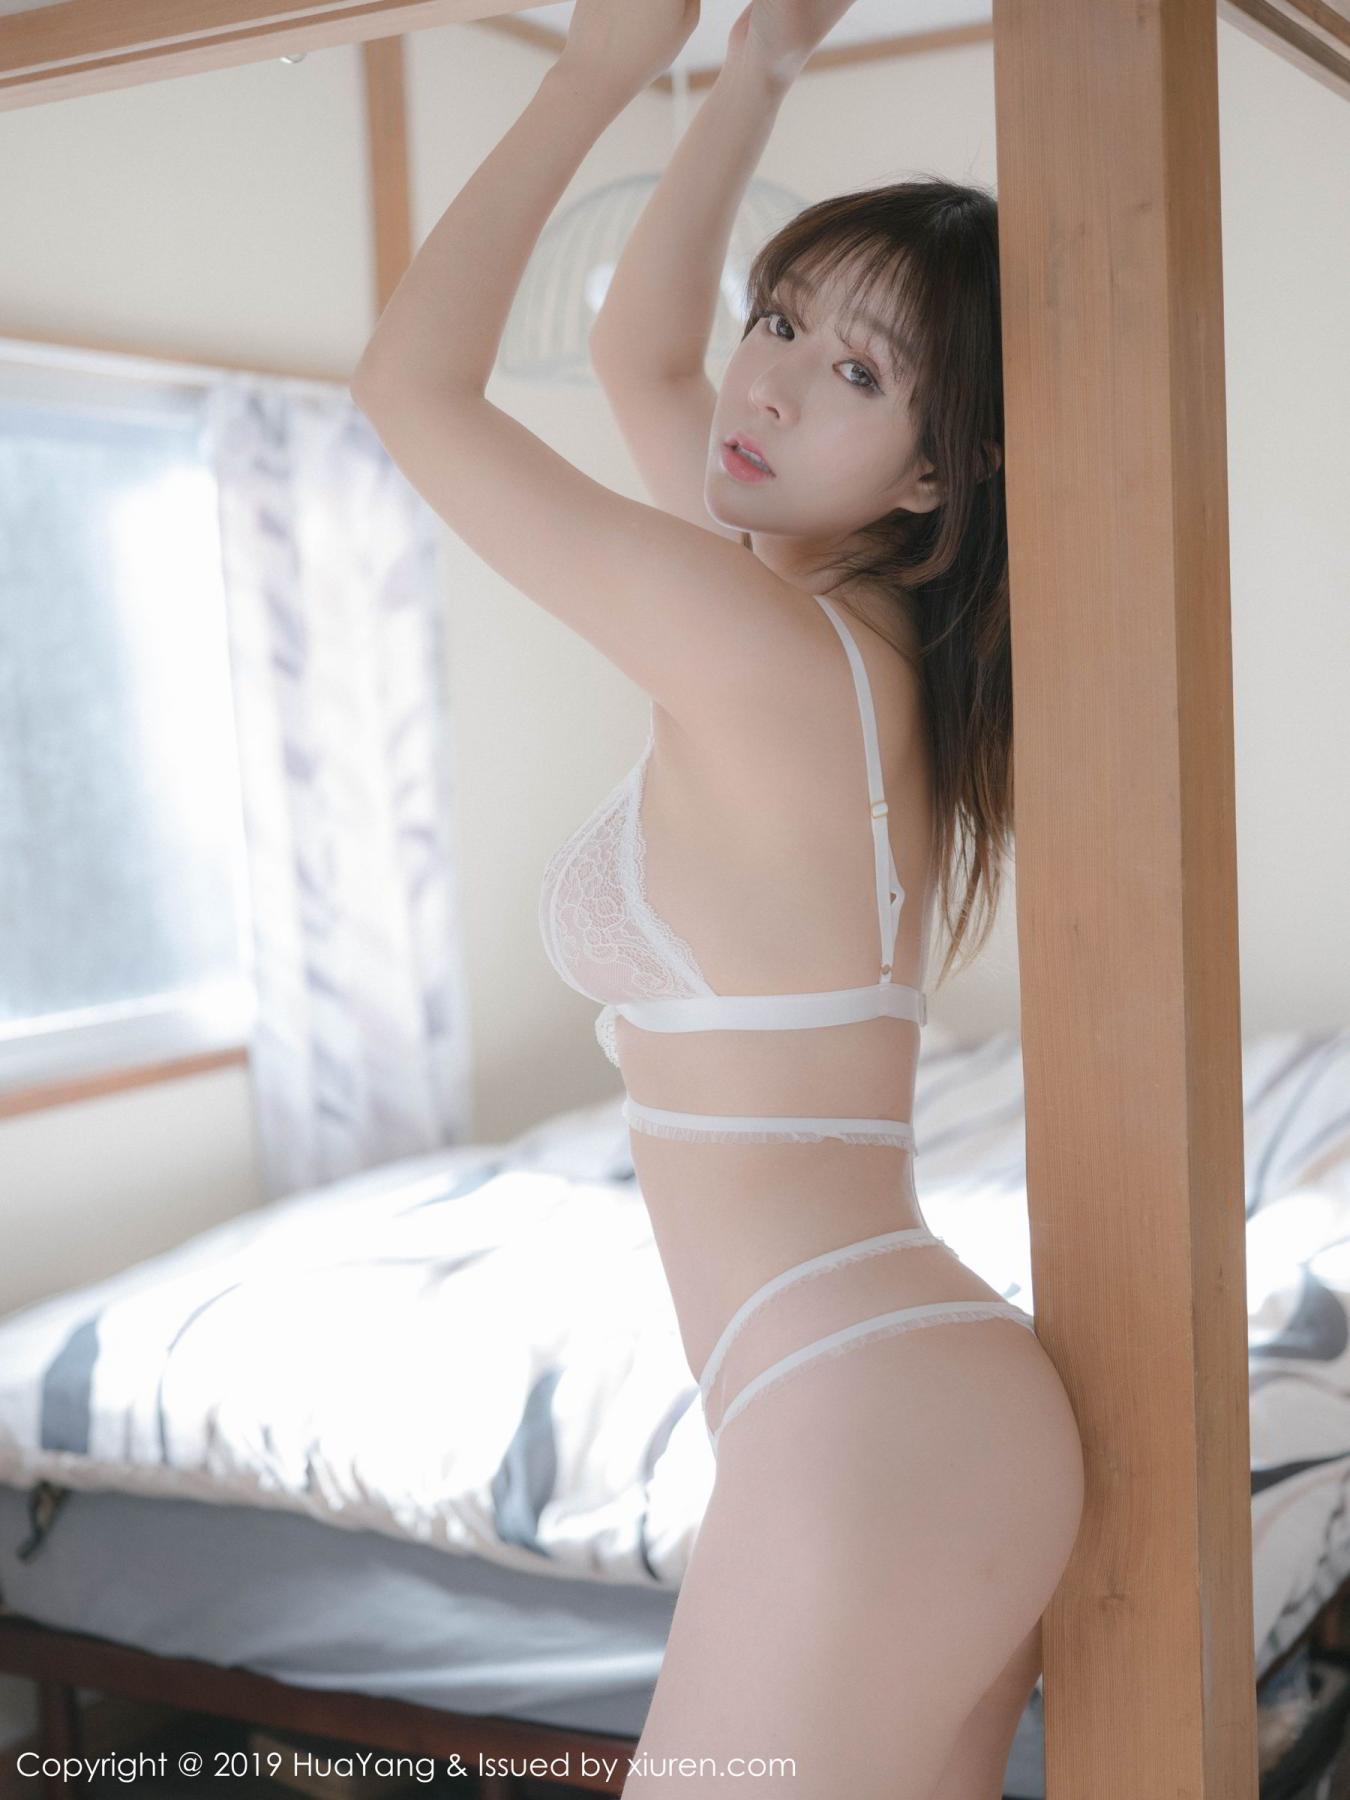 [Huayang] Vol.120 Wang Yu Chun 5P, Adult, Big Booty, HuaYang, Underwear, Wang Yu Chun